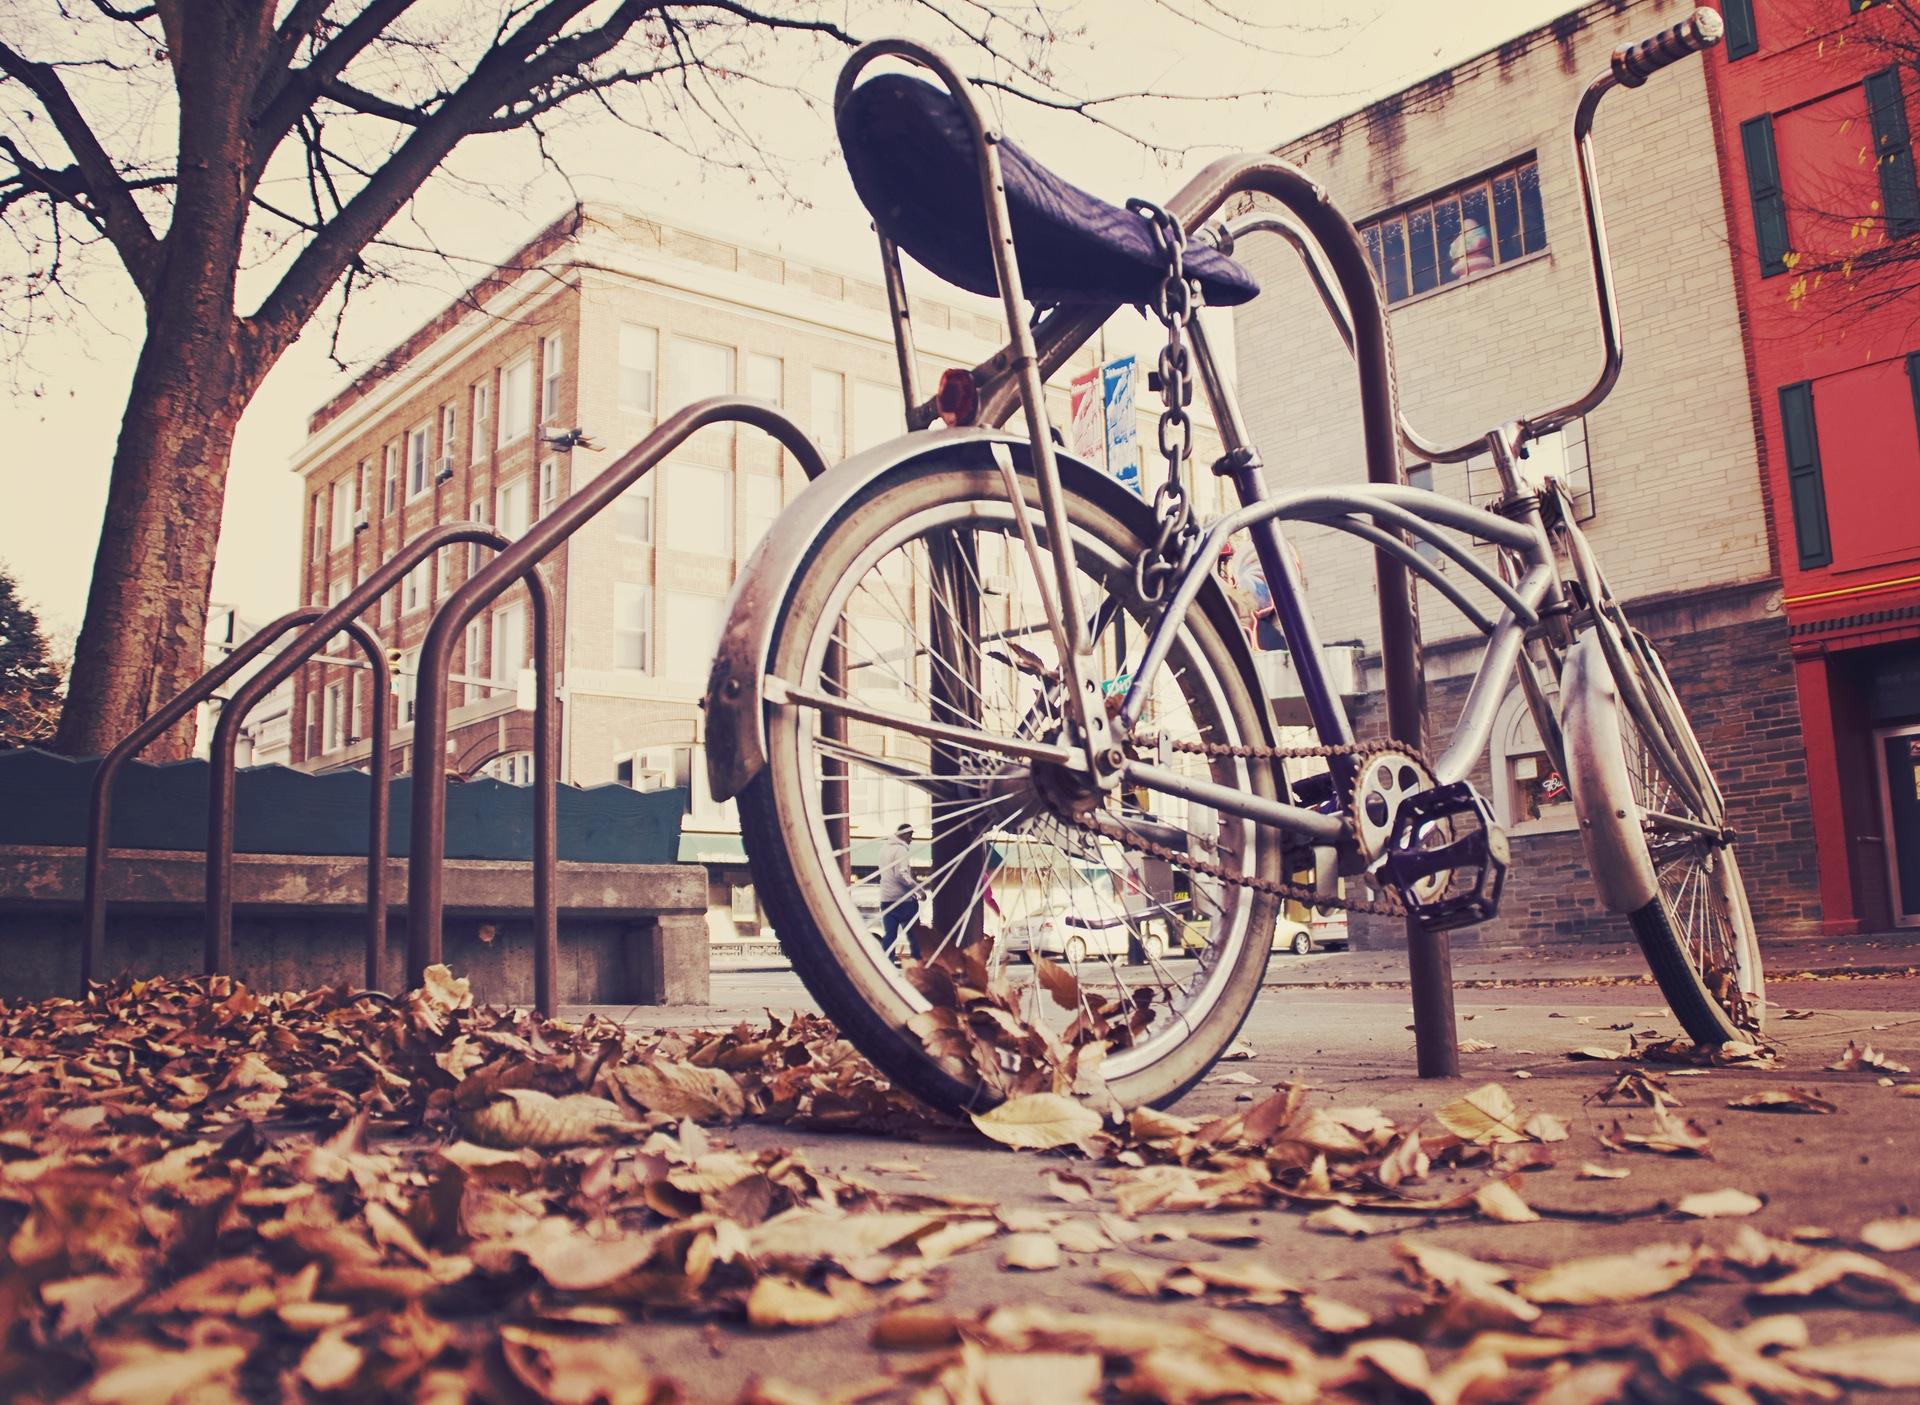 bicicleta, velho, vintage, Cadeia de, folhas - Papéis de parede HD - Professor-falken.com